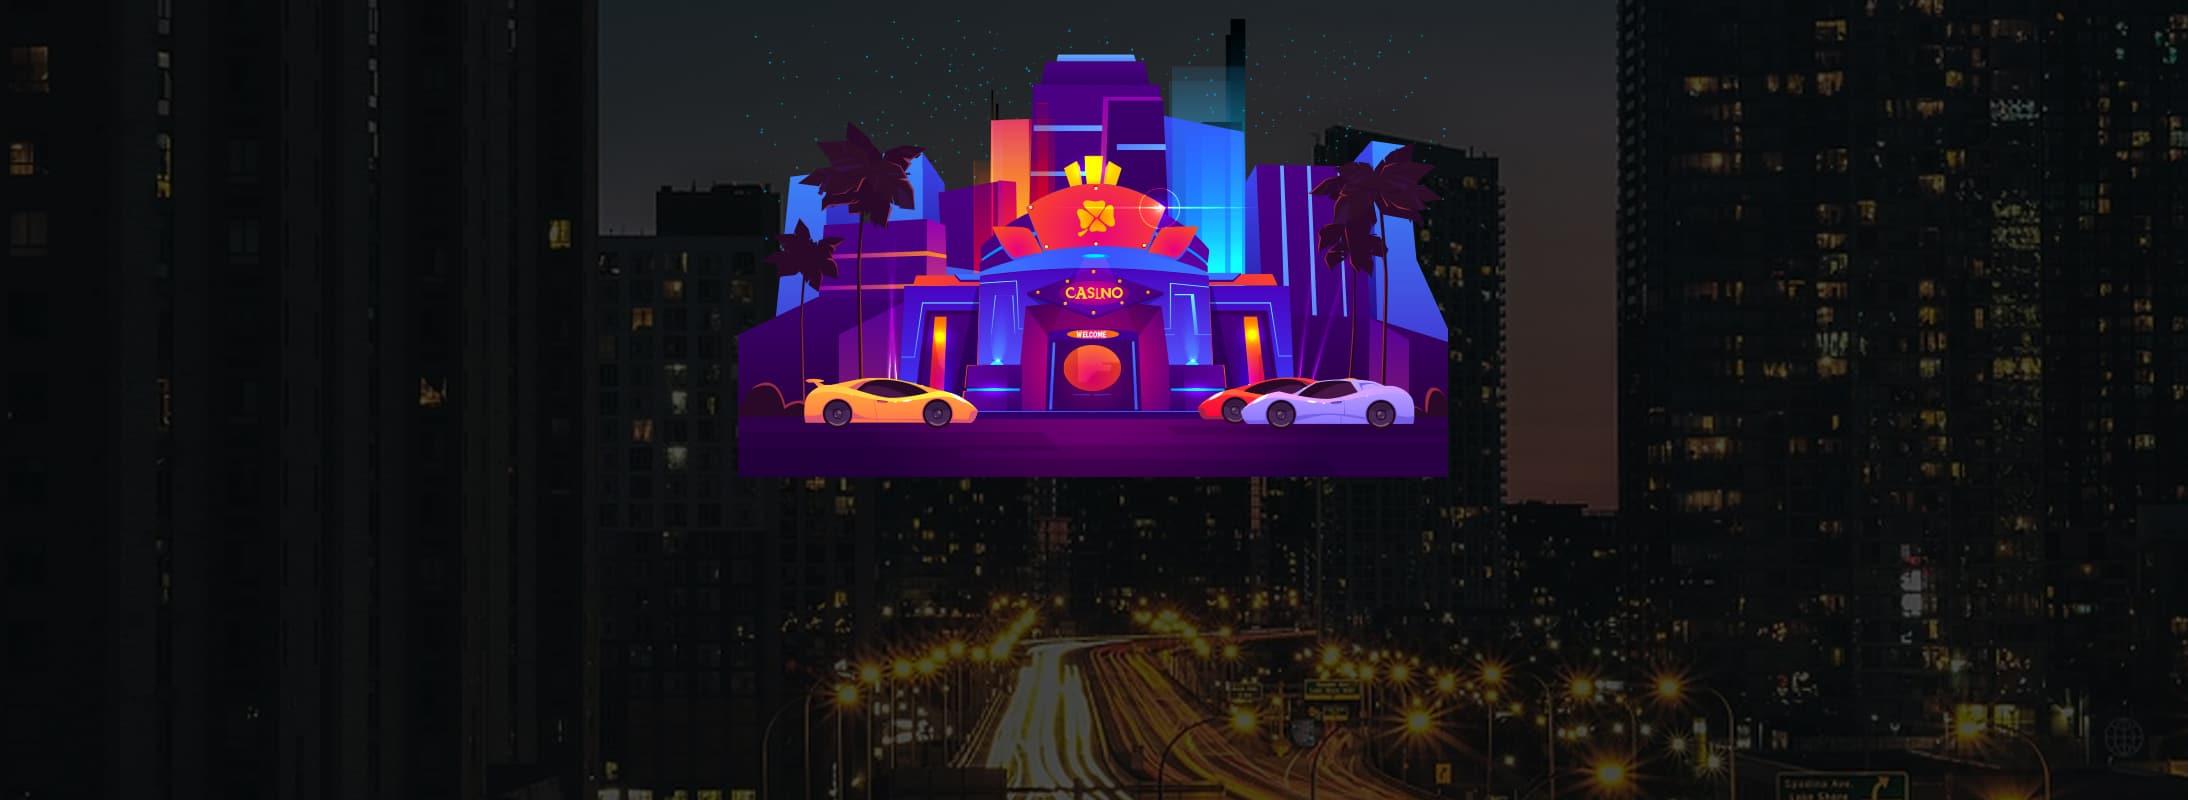 Toronto's No. 1 Guide to Online Casino Gambling